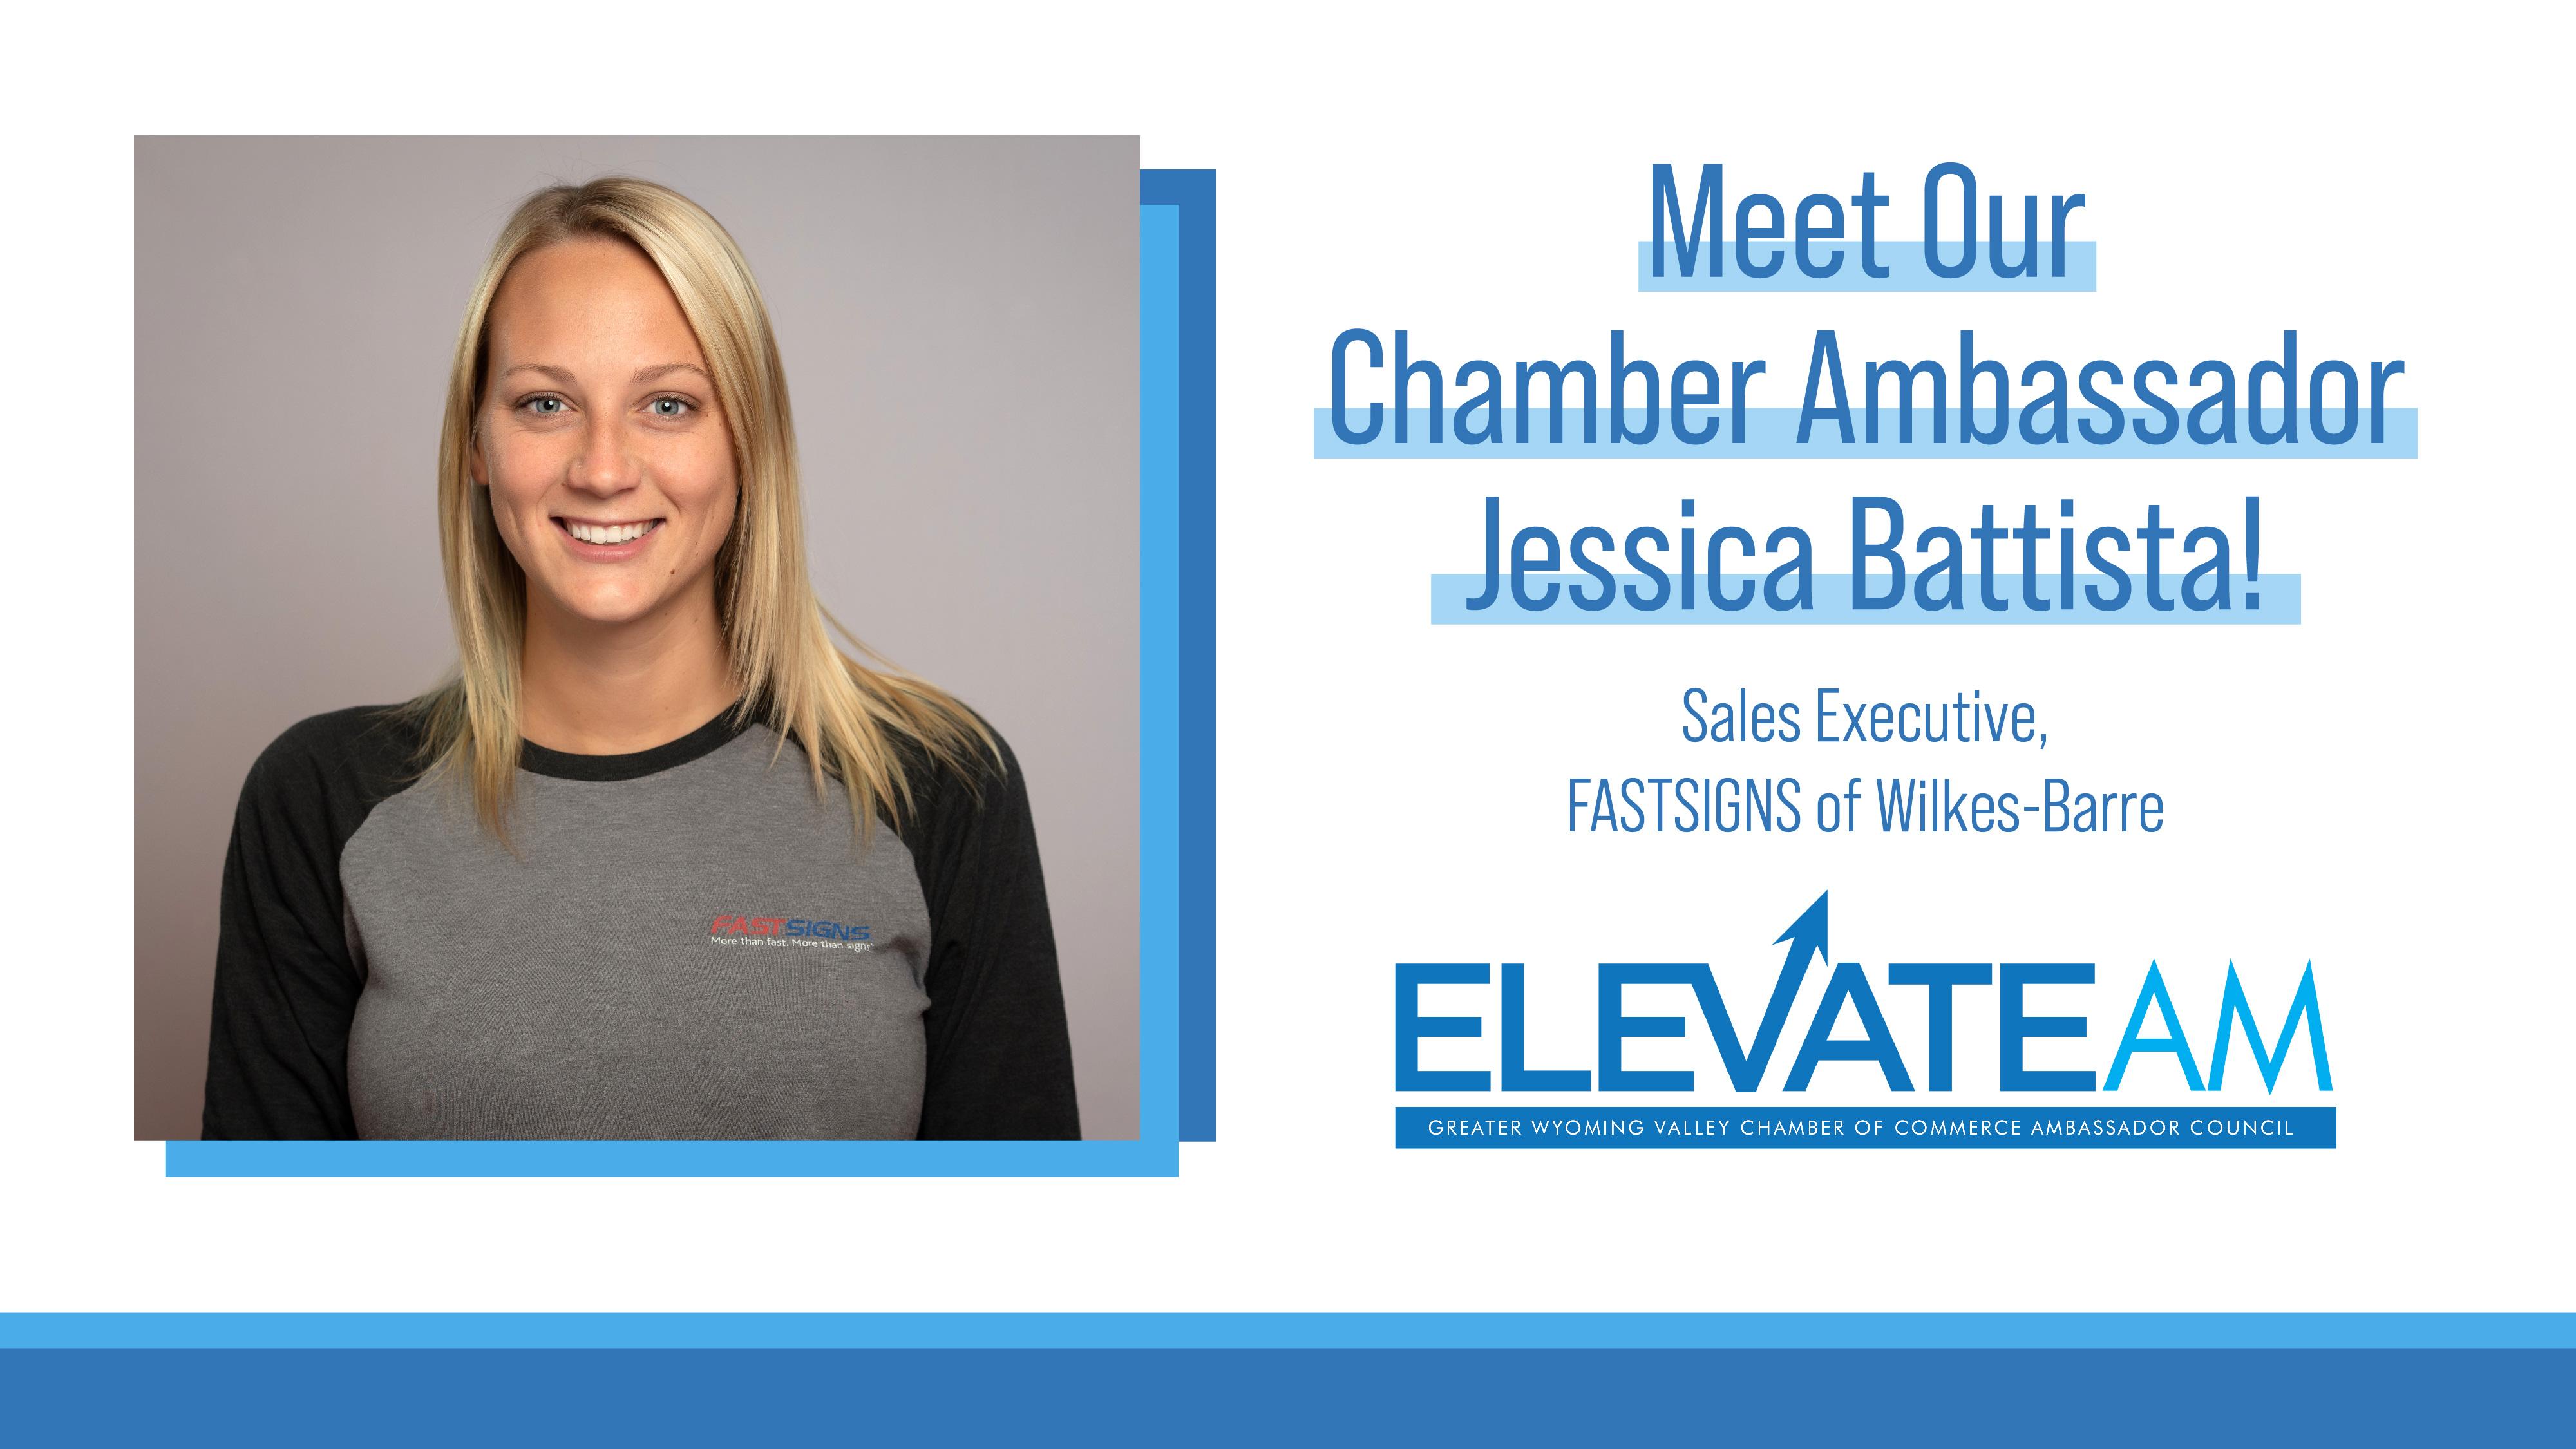 Meet Our Chamber Ambassador: Jessica Battista!